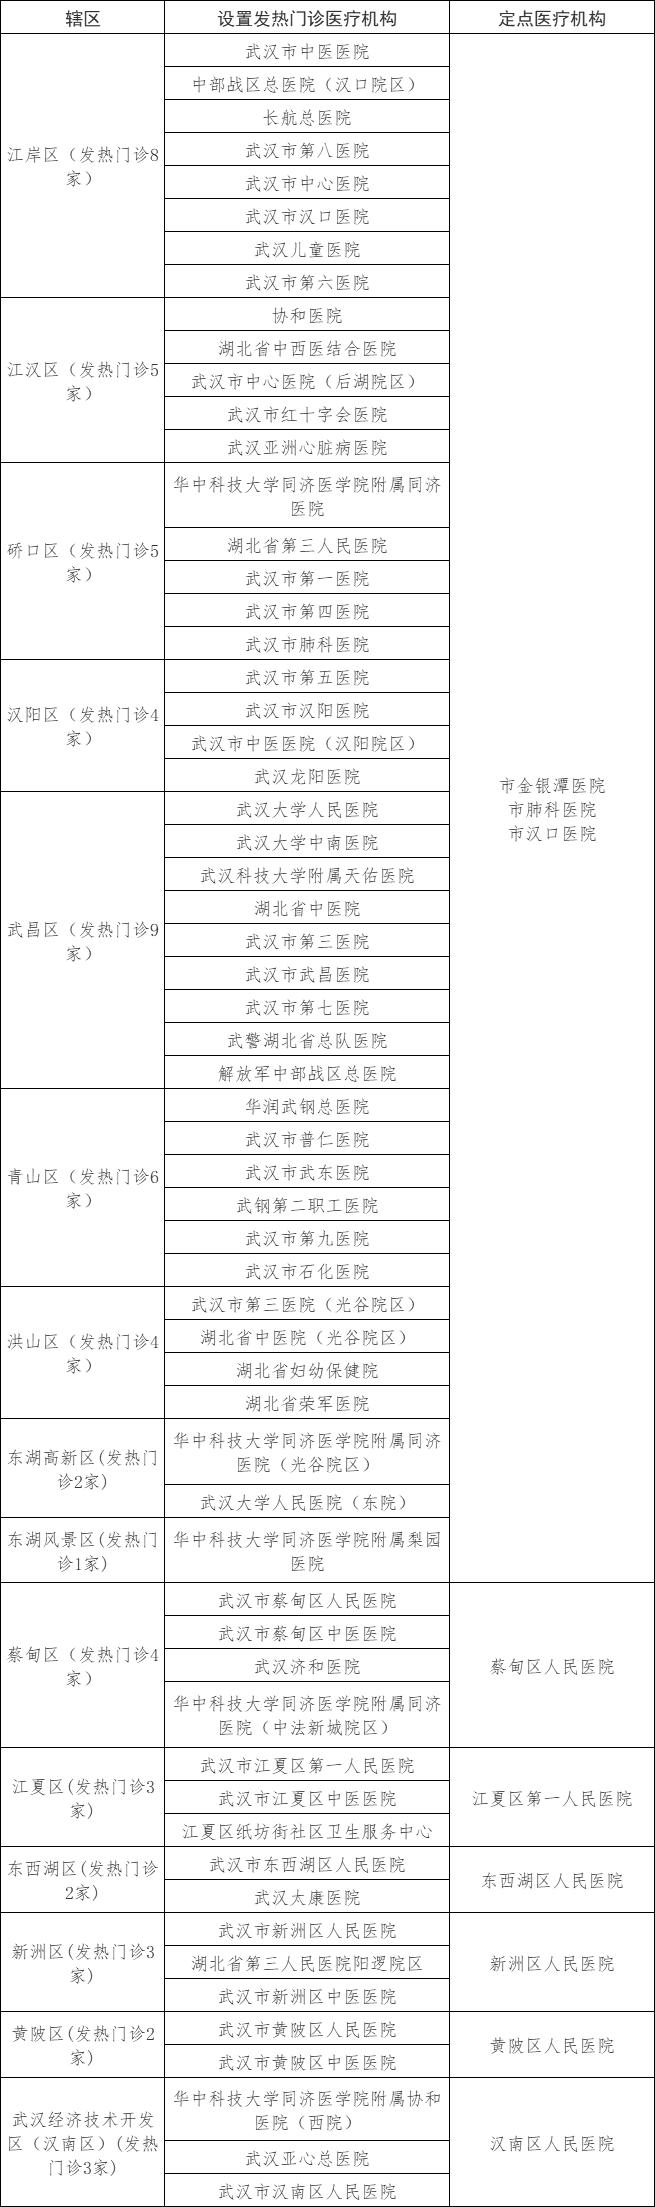 武汉卫健委:武汉市设置发热门诊医疗机构和定点救治医疗机构名单